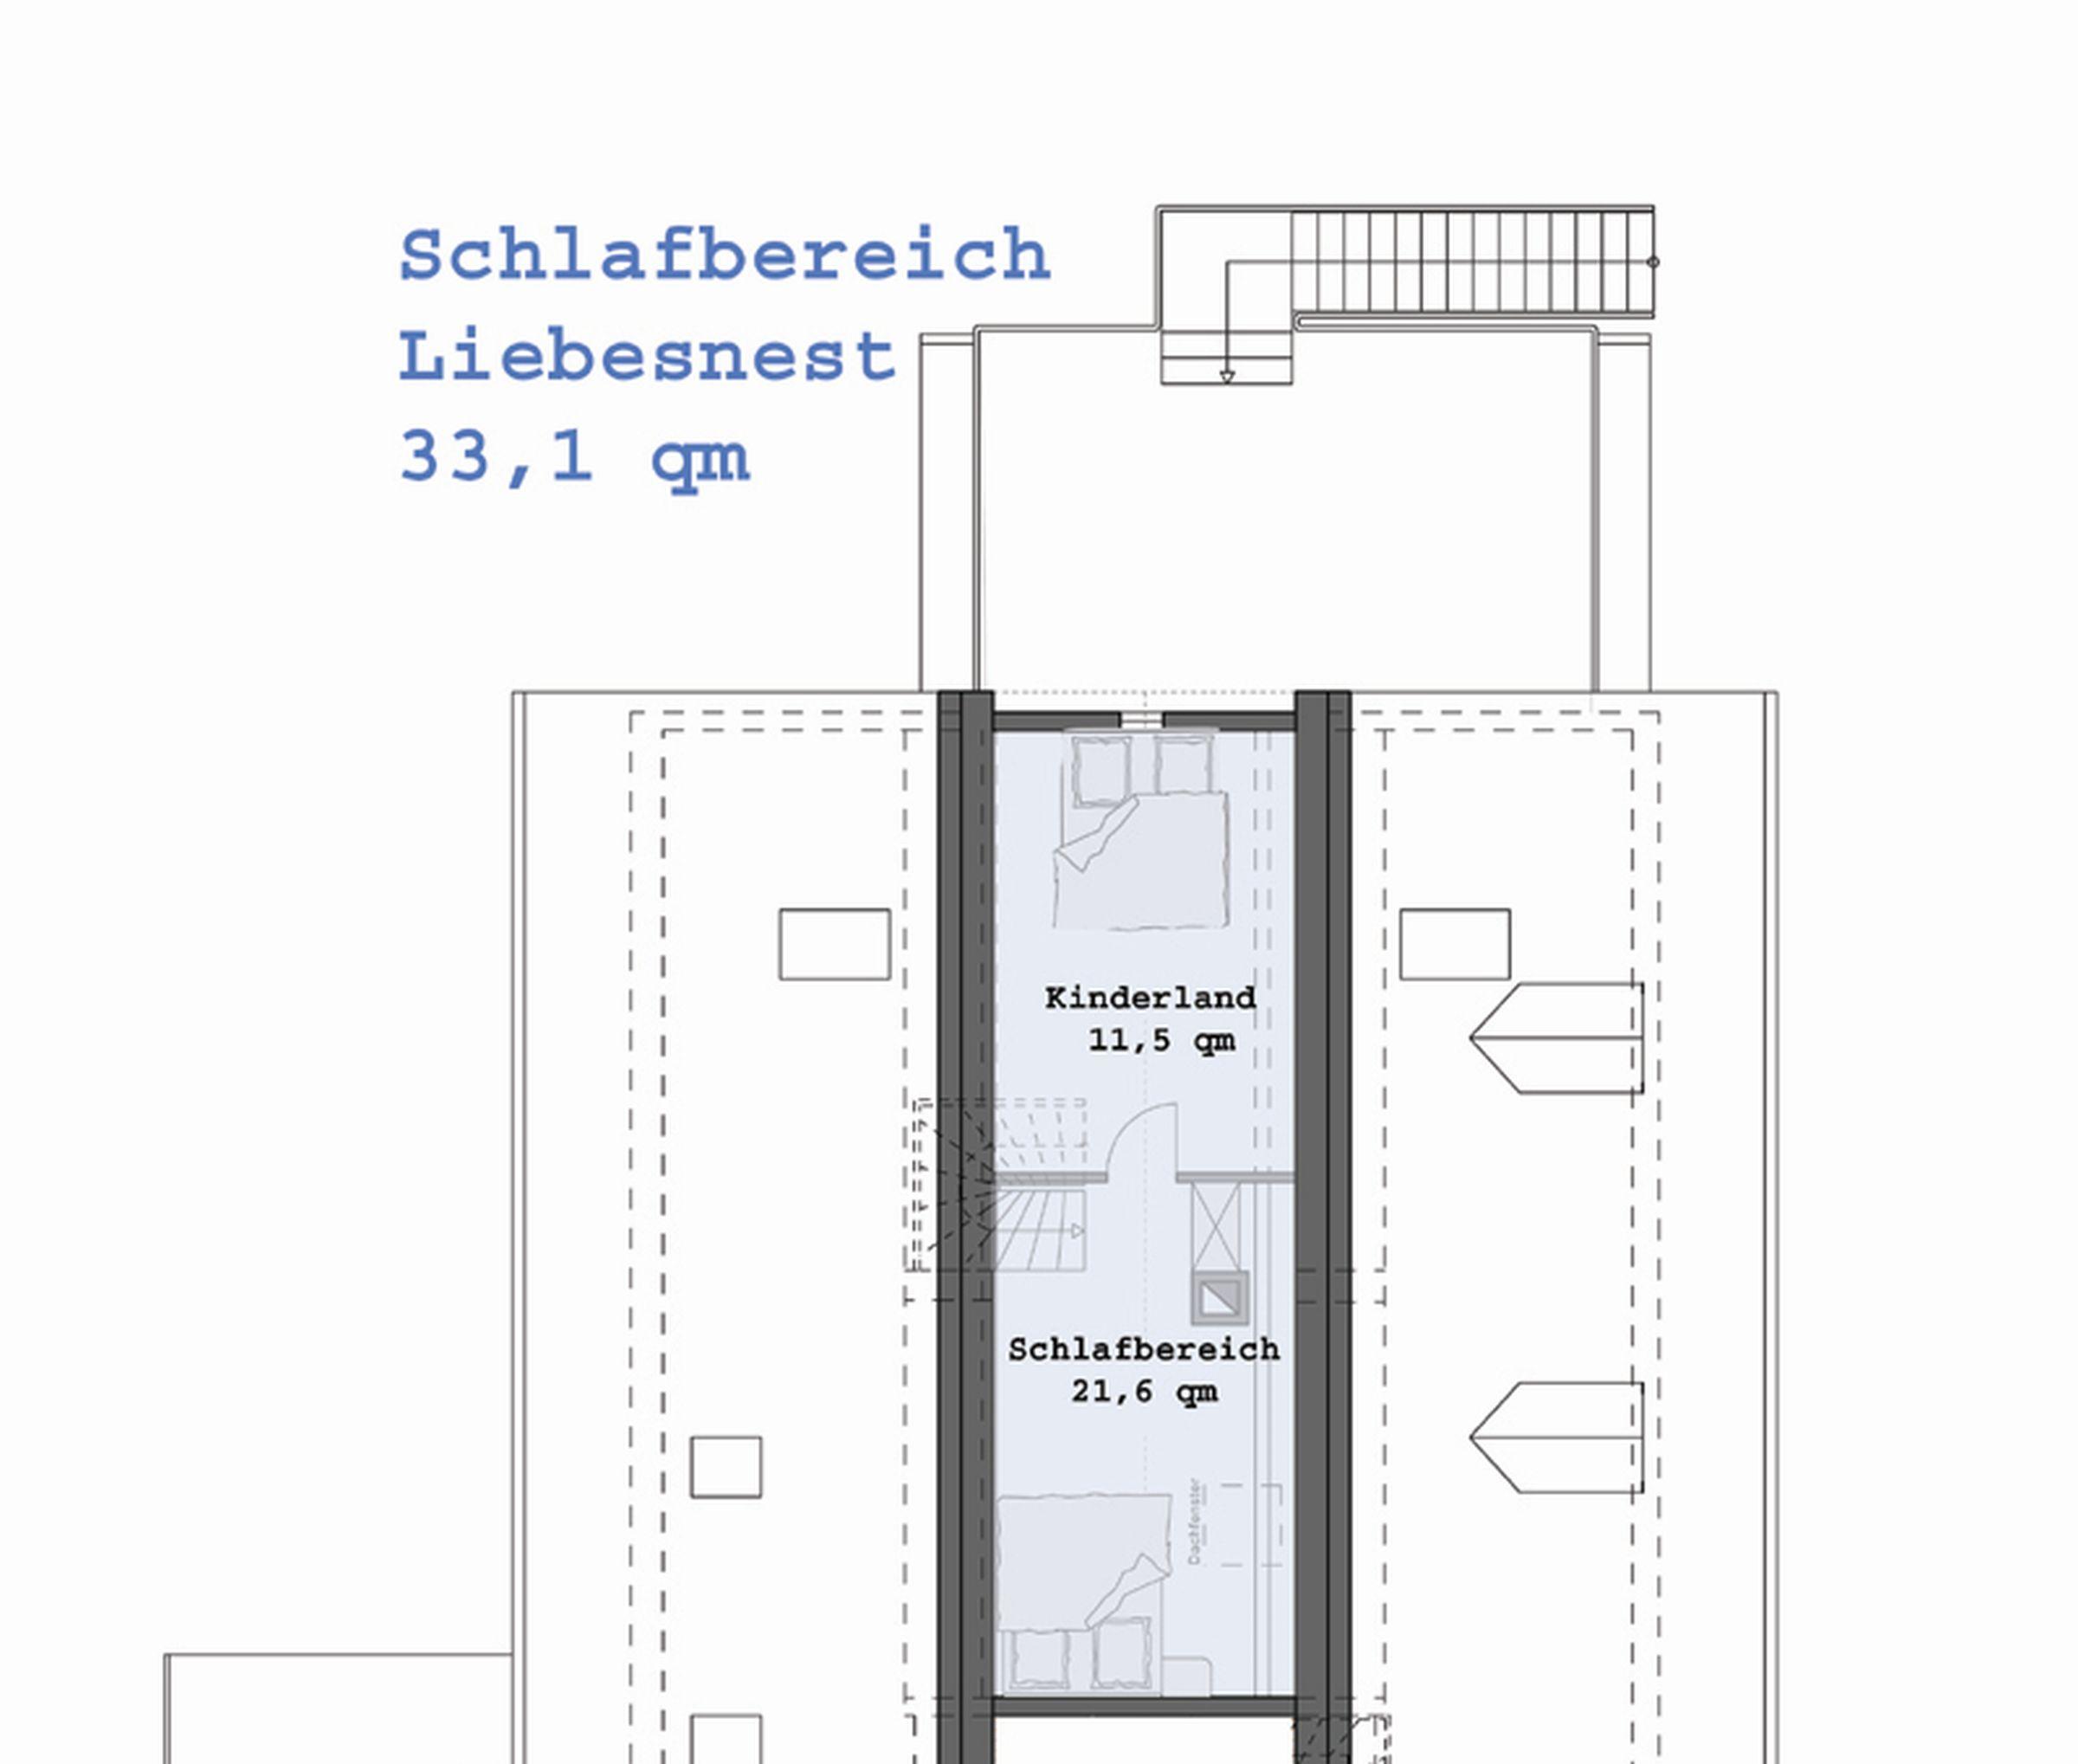 zum kuckuck schonach ferienwohnung liebesnest 98 qm 1 schlafzimmer max 2 erwachsene und. Black Bedroom Furniture Sets. Home Design Ideas